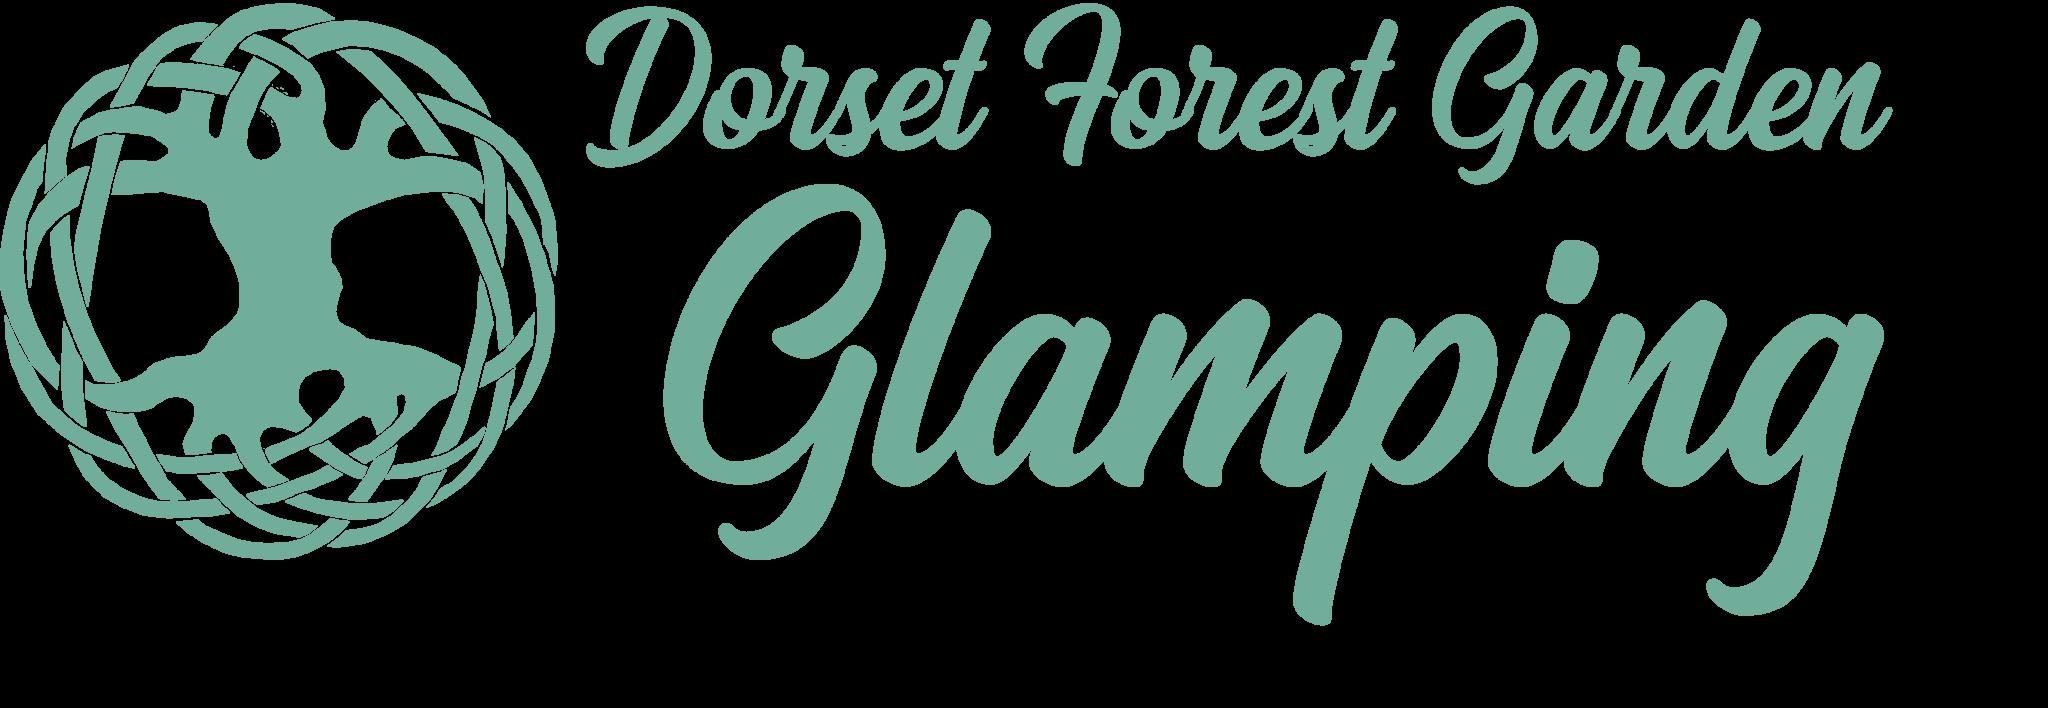 Dorset Glamping